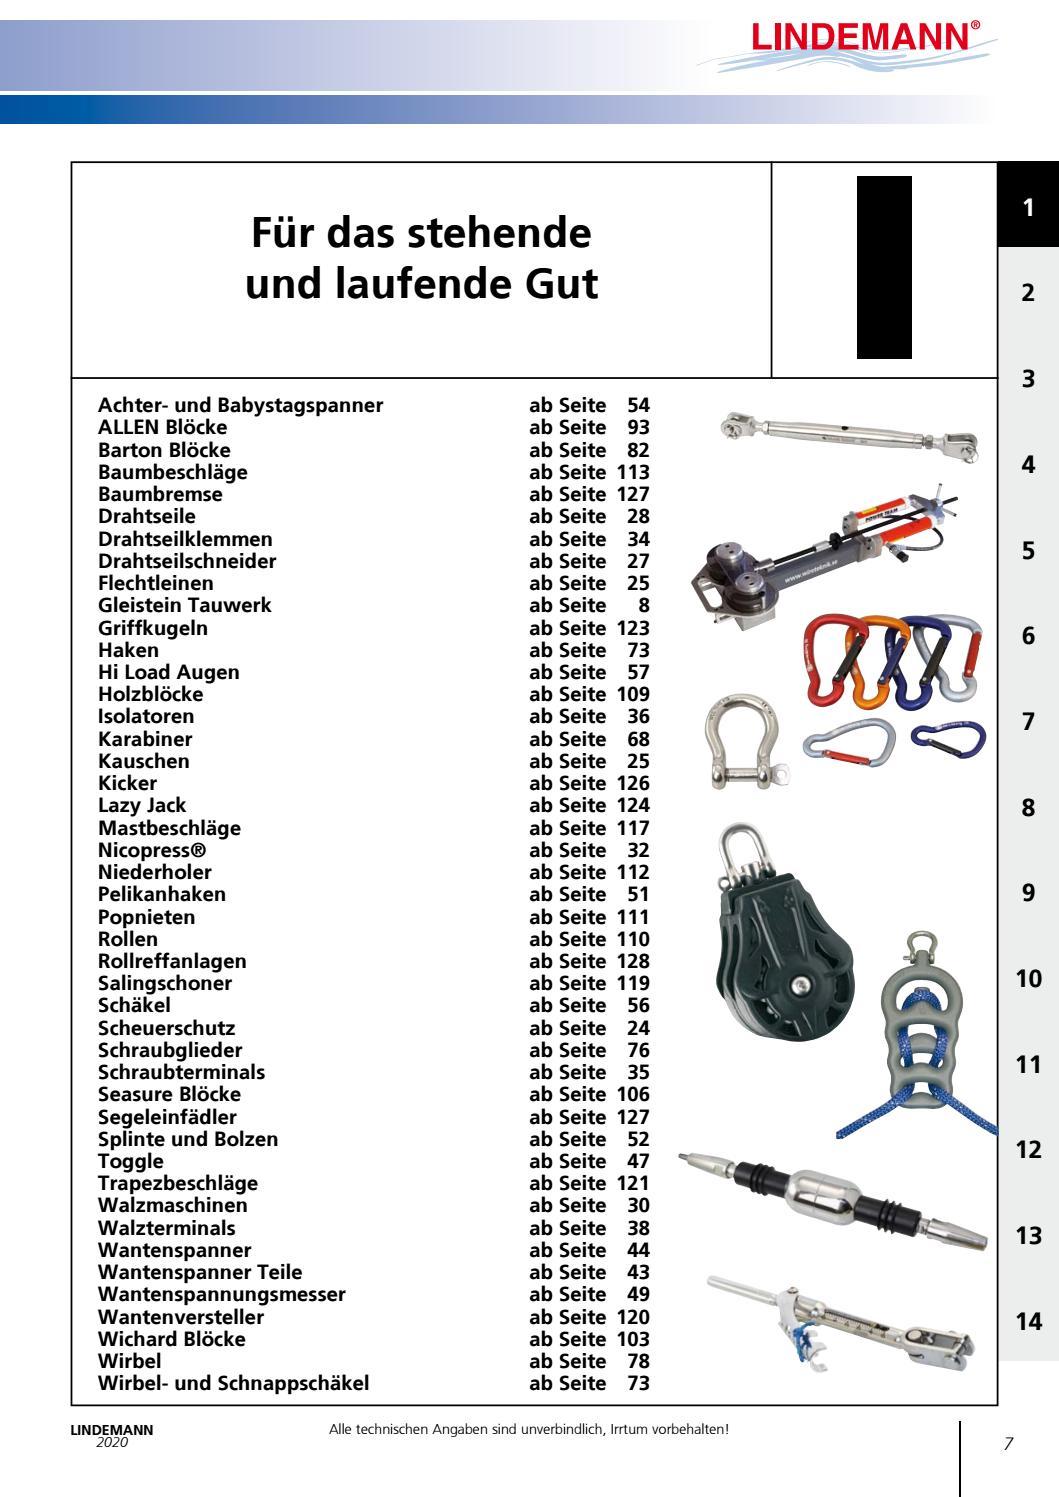 Edelstahl Schnappsch/äkel 105 mm mit Wirbelauge A4 AISI 316